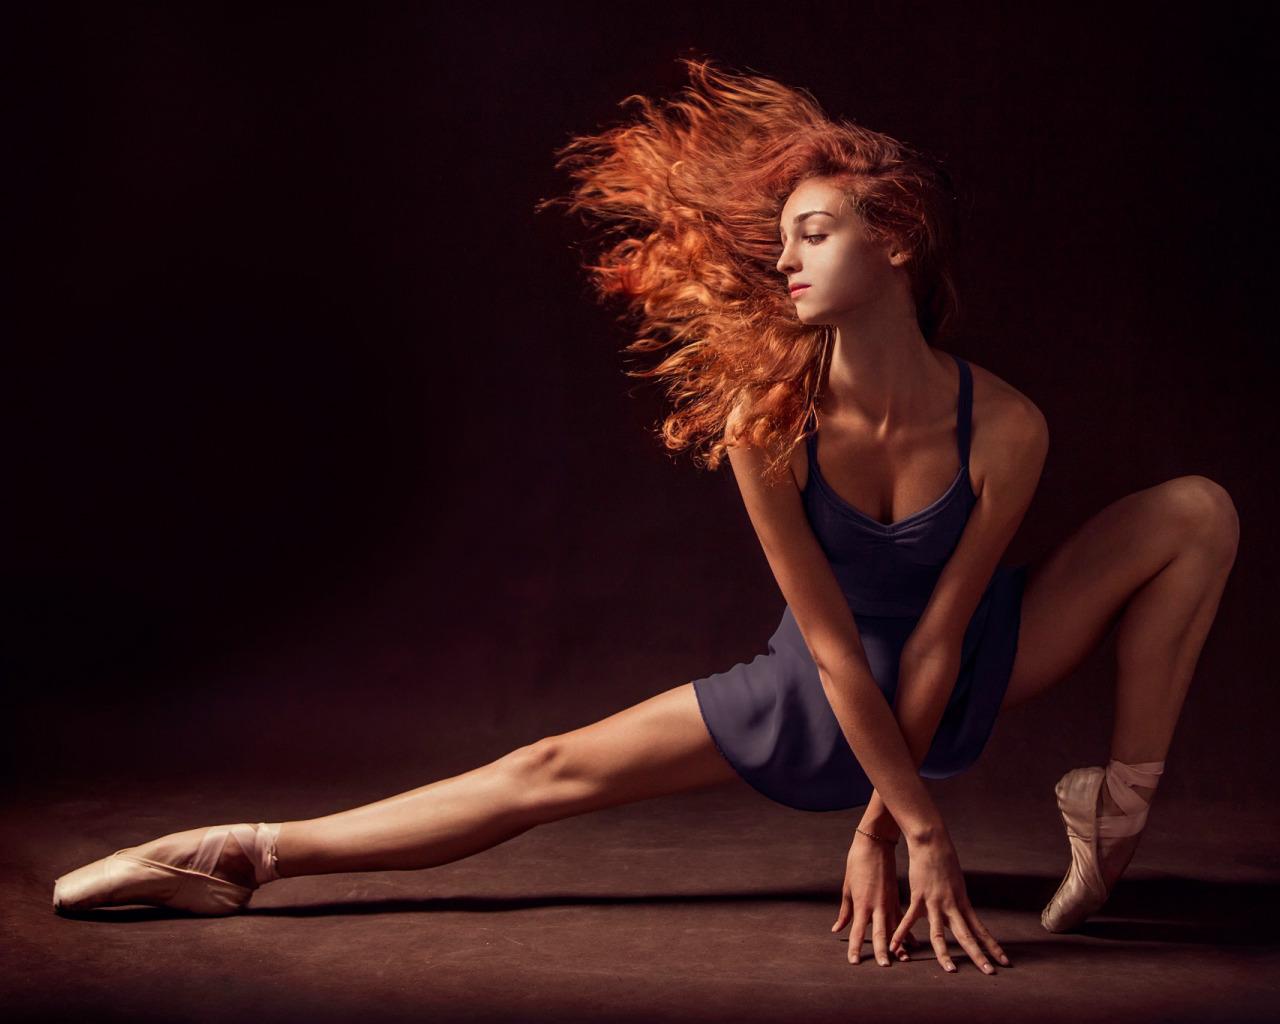 Танци голых девушек, Голые танцы 13 фотография